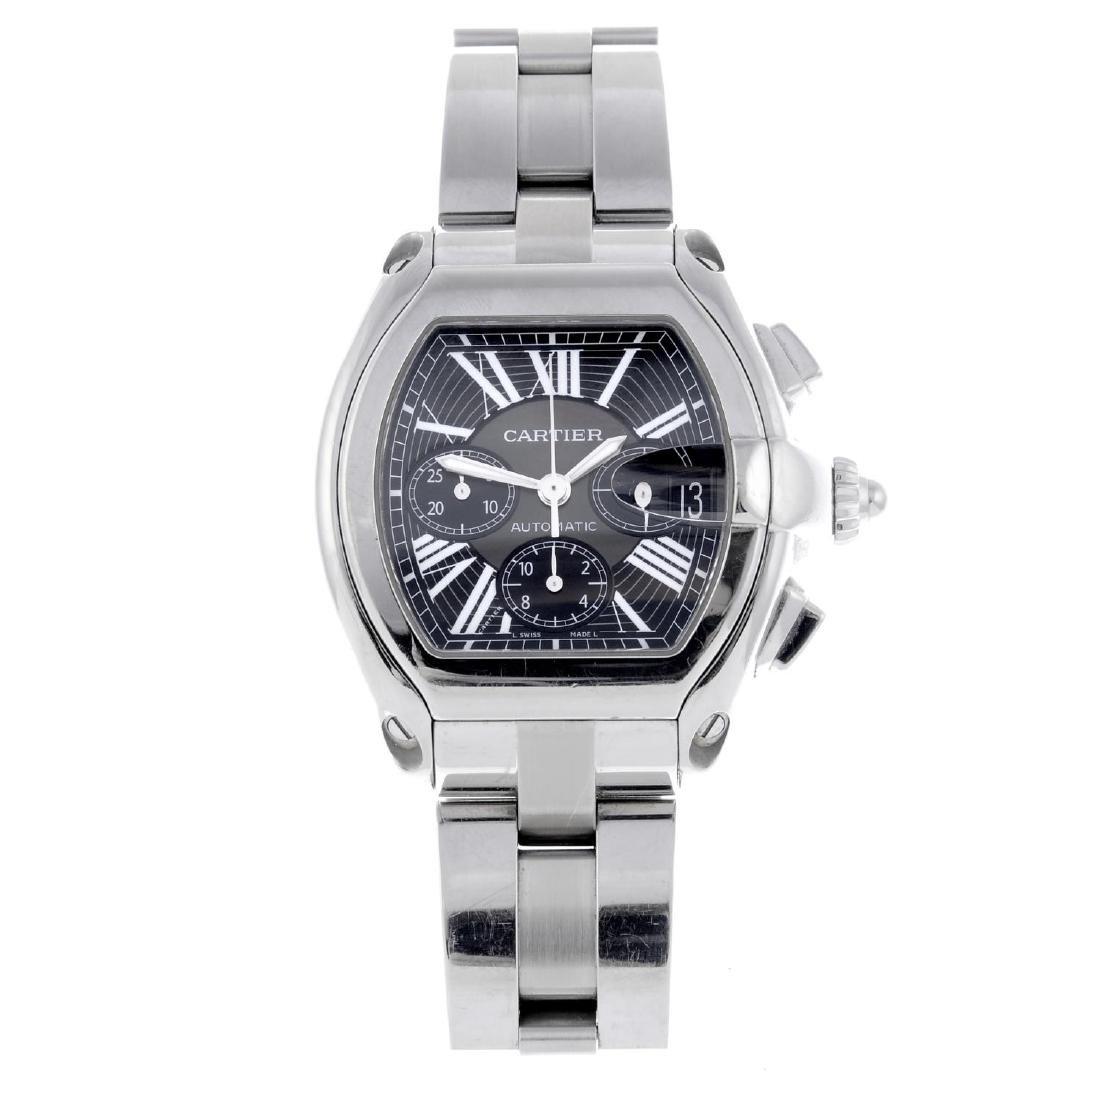 CARTIER - a Roaster chronograph bracelet watch.